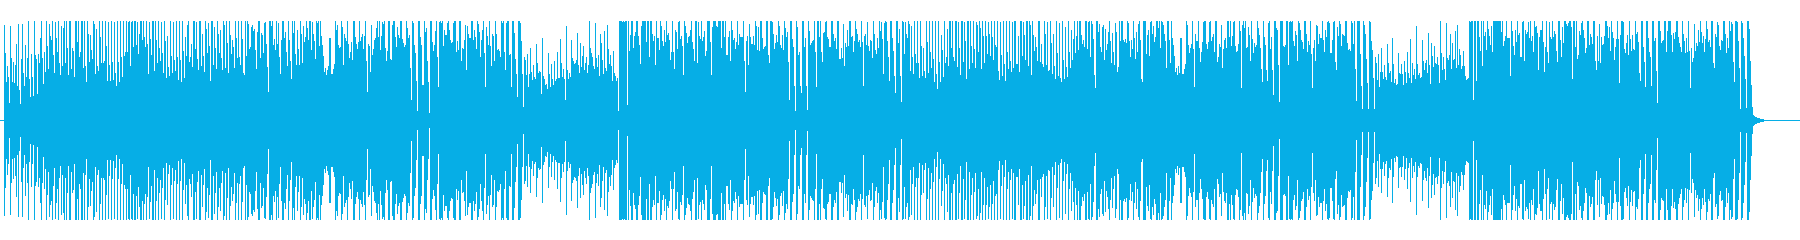 ダンサブルでパワフルなエレクトロポップの再生済みの波形